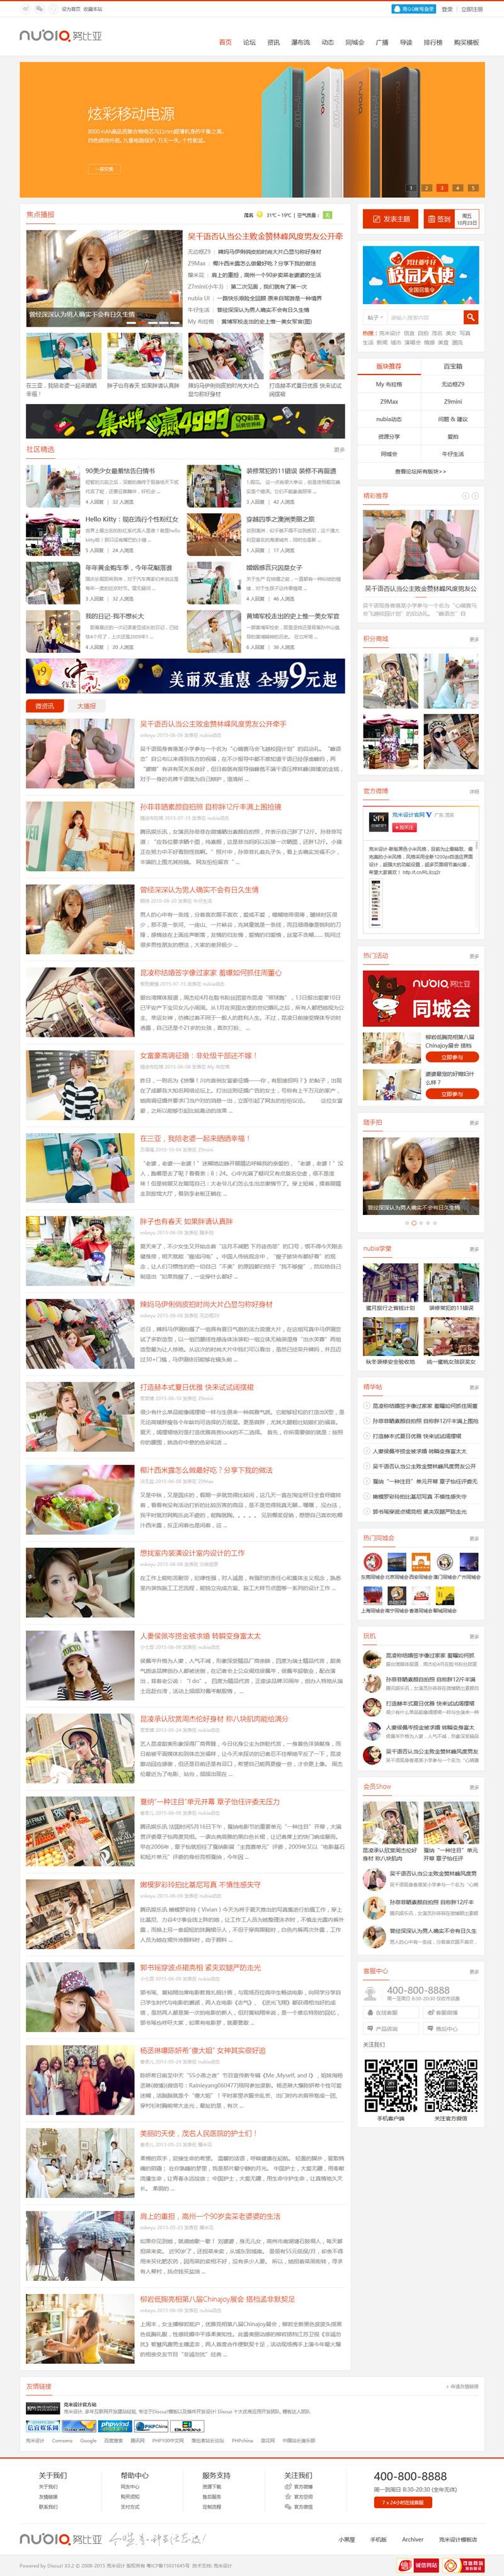 【免费下载】discuz模板:克米-努比亚微资讯 商业版_GBK+UTF8 价值480元